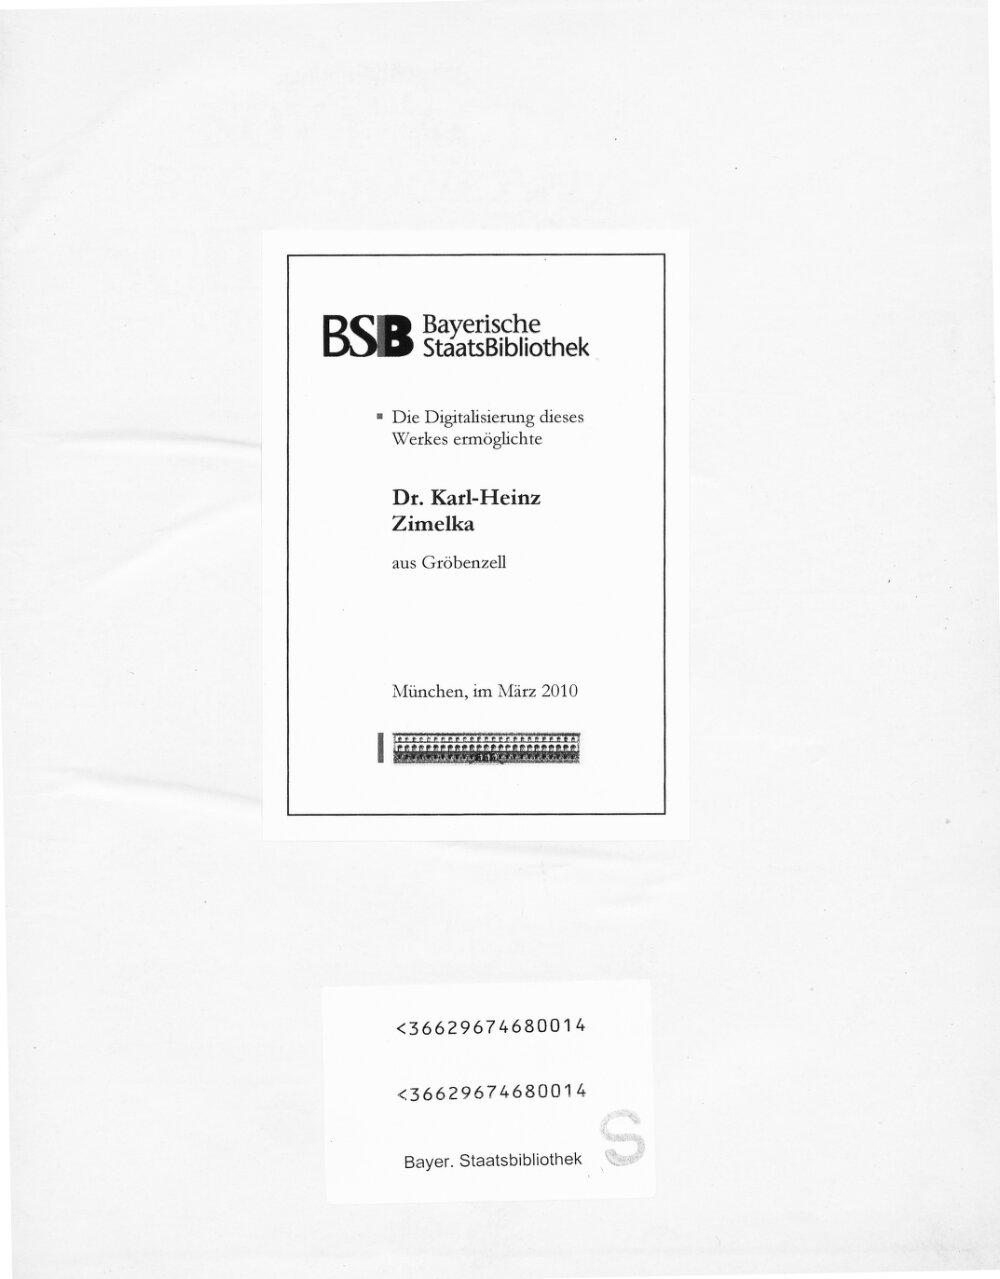 bsb00047208_00001.jpg